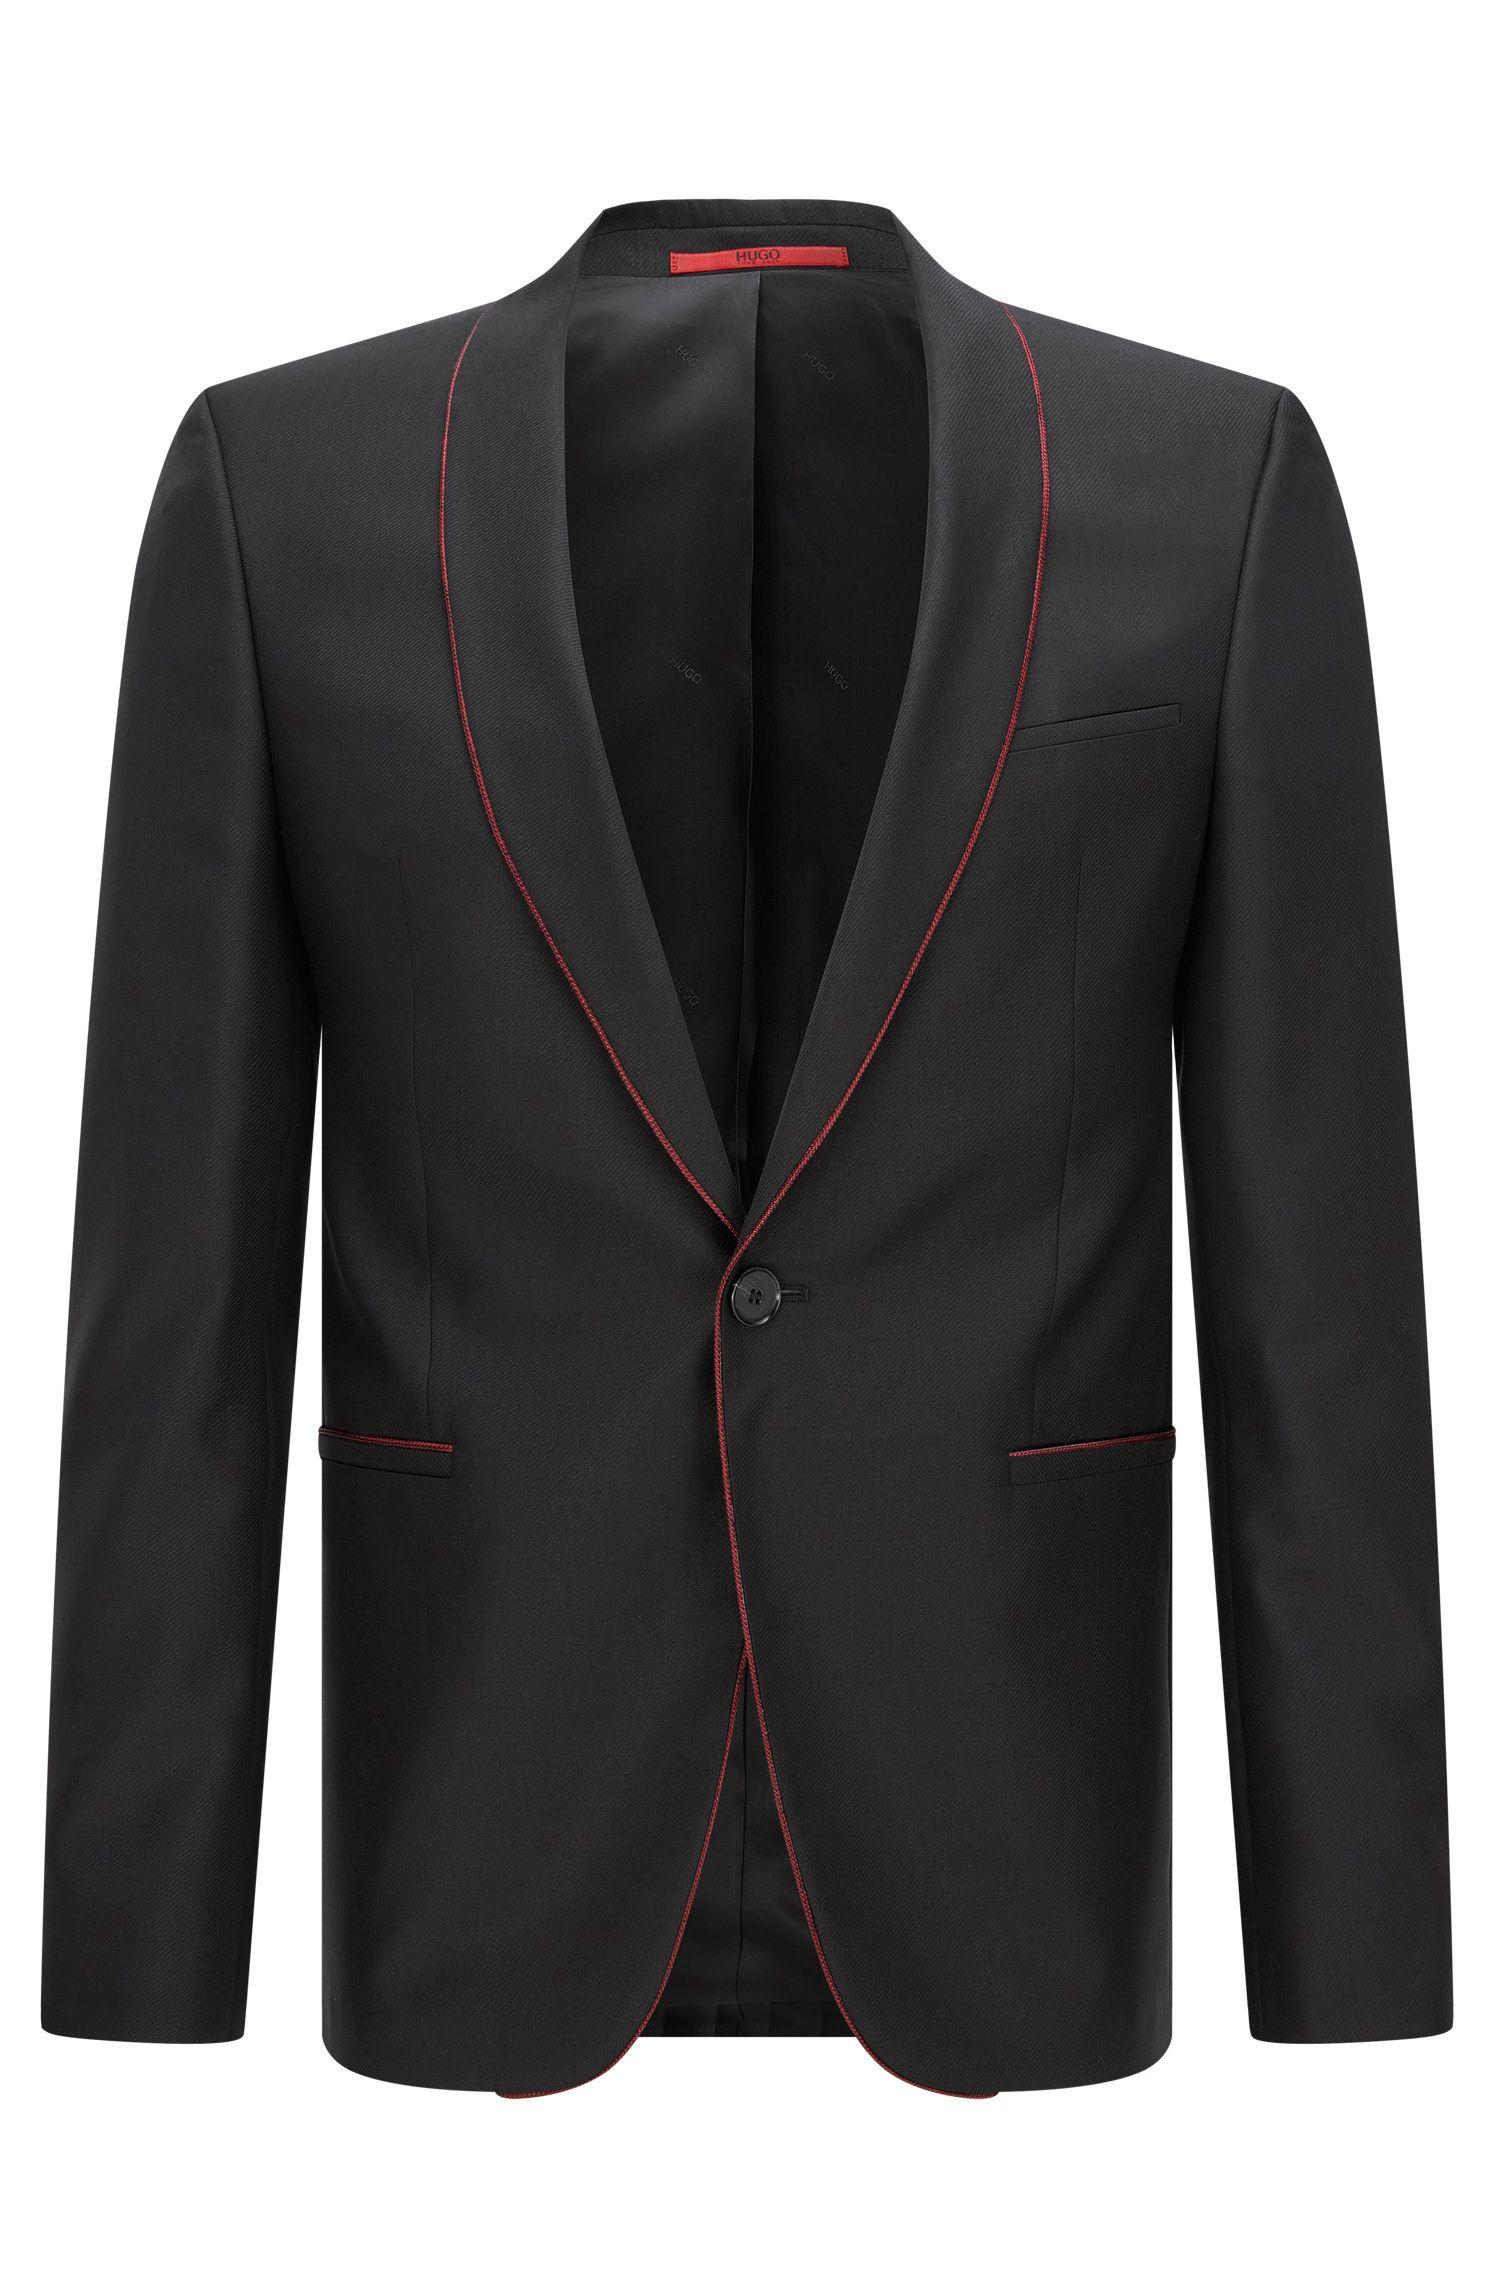 Contrast Virgin Wool Blend Sport Coat, Slim Fit | Arins